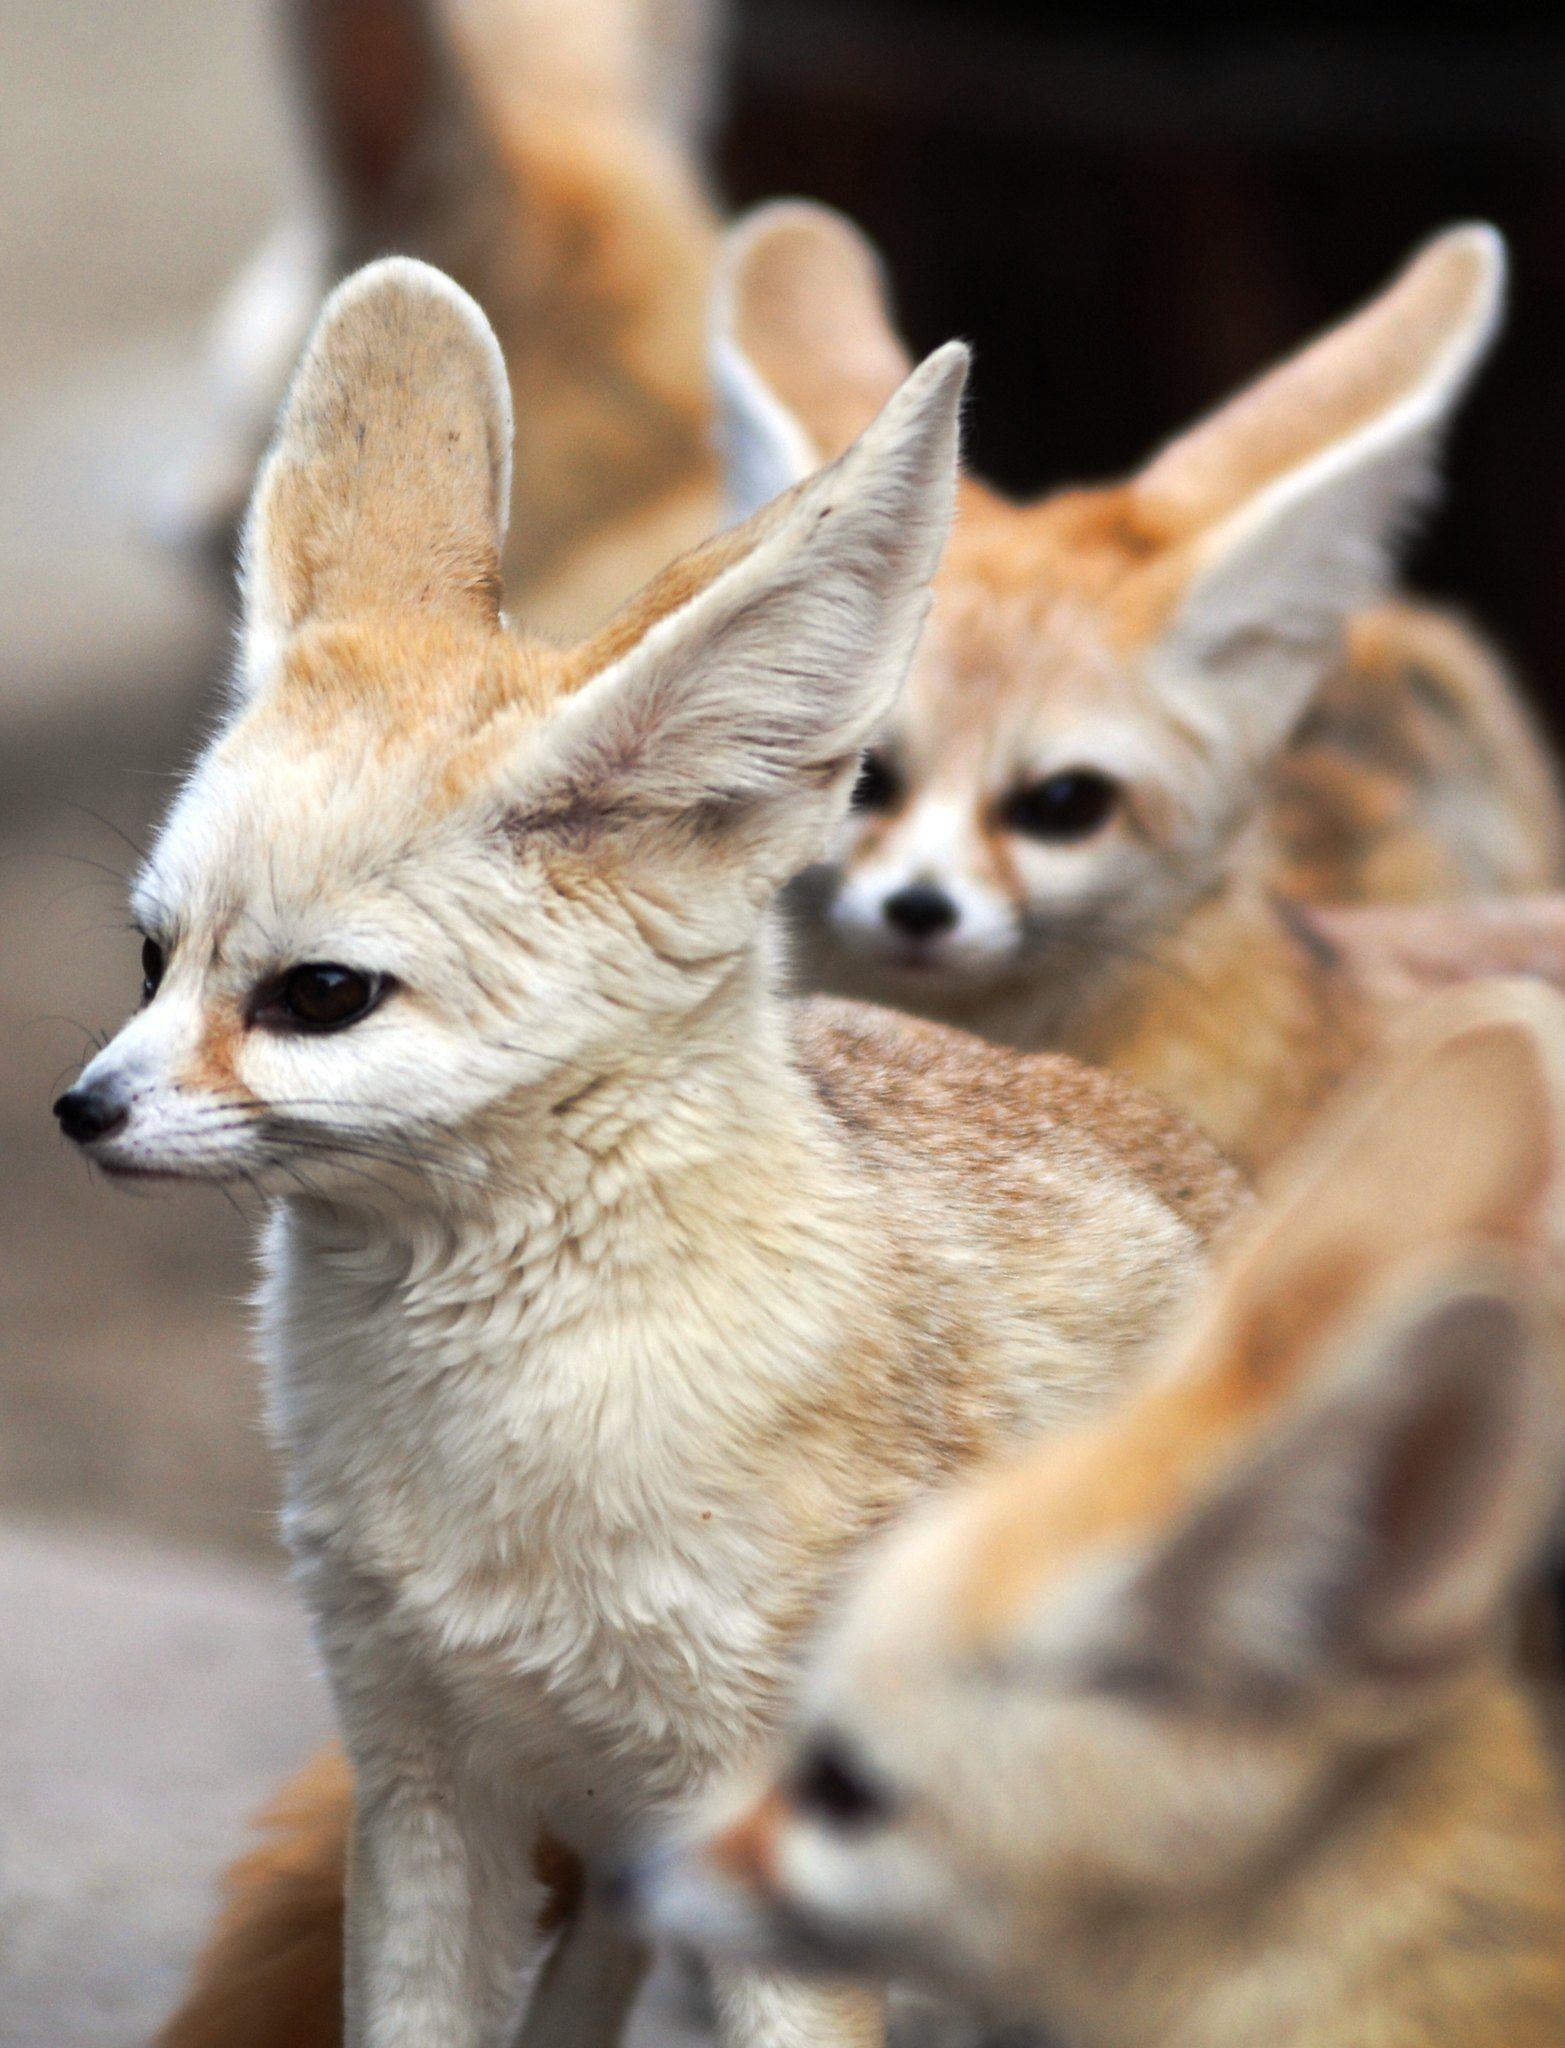 Fennec Fox In